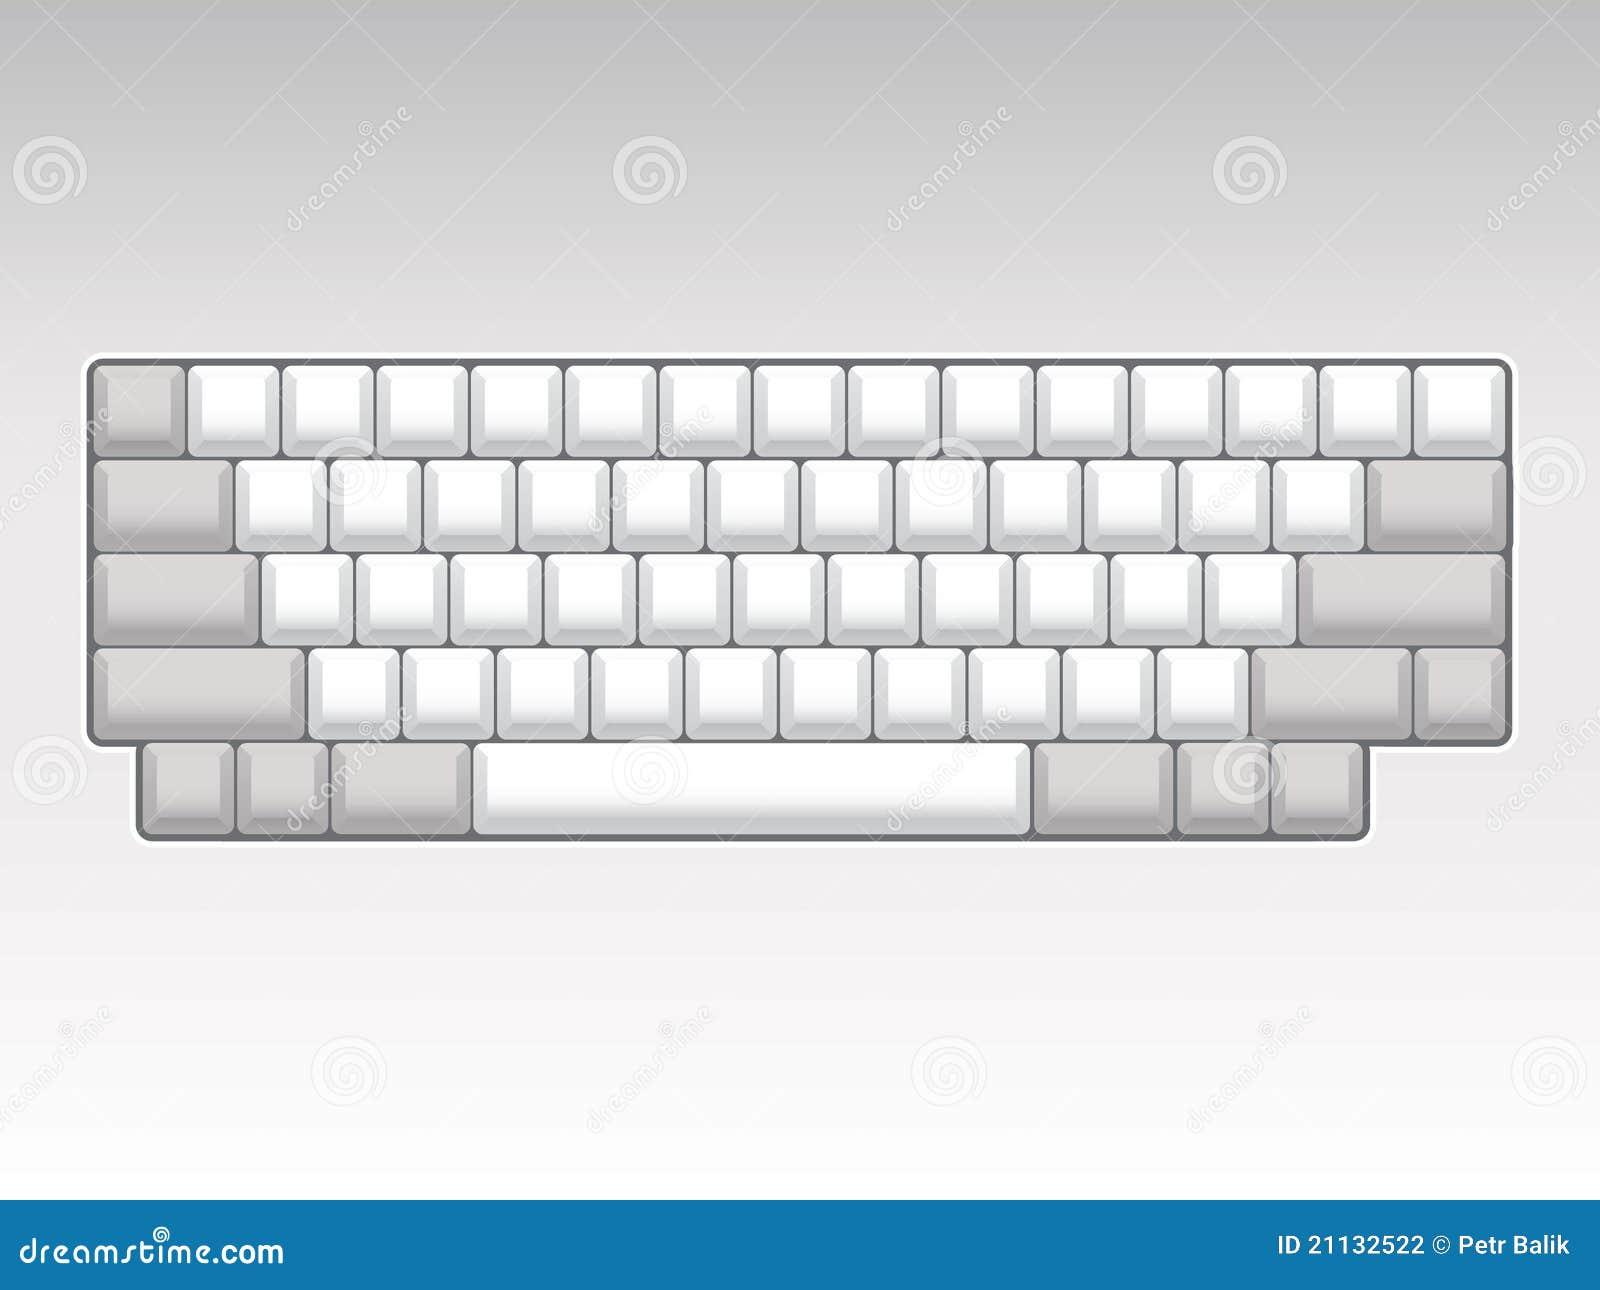 Схема клавиатуры компьютера на русском